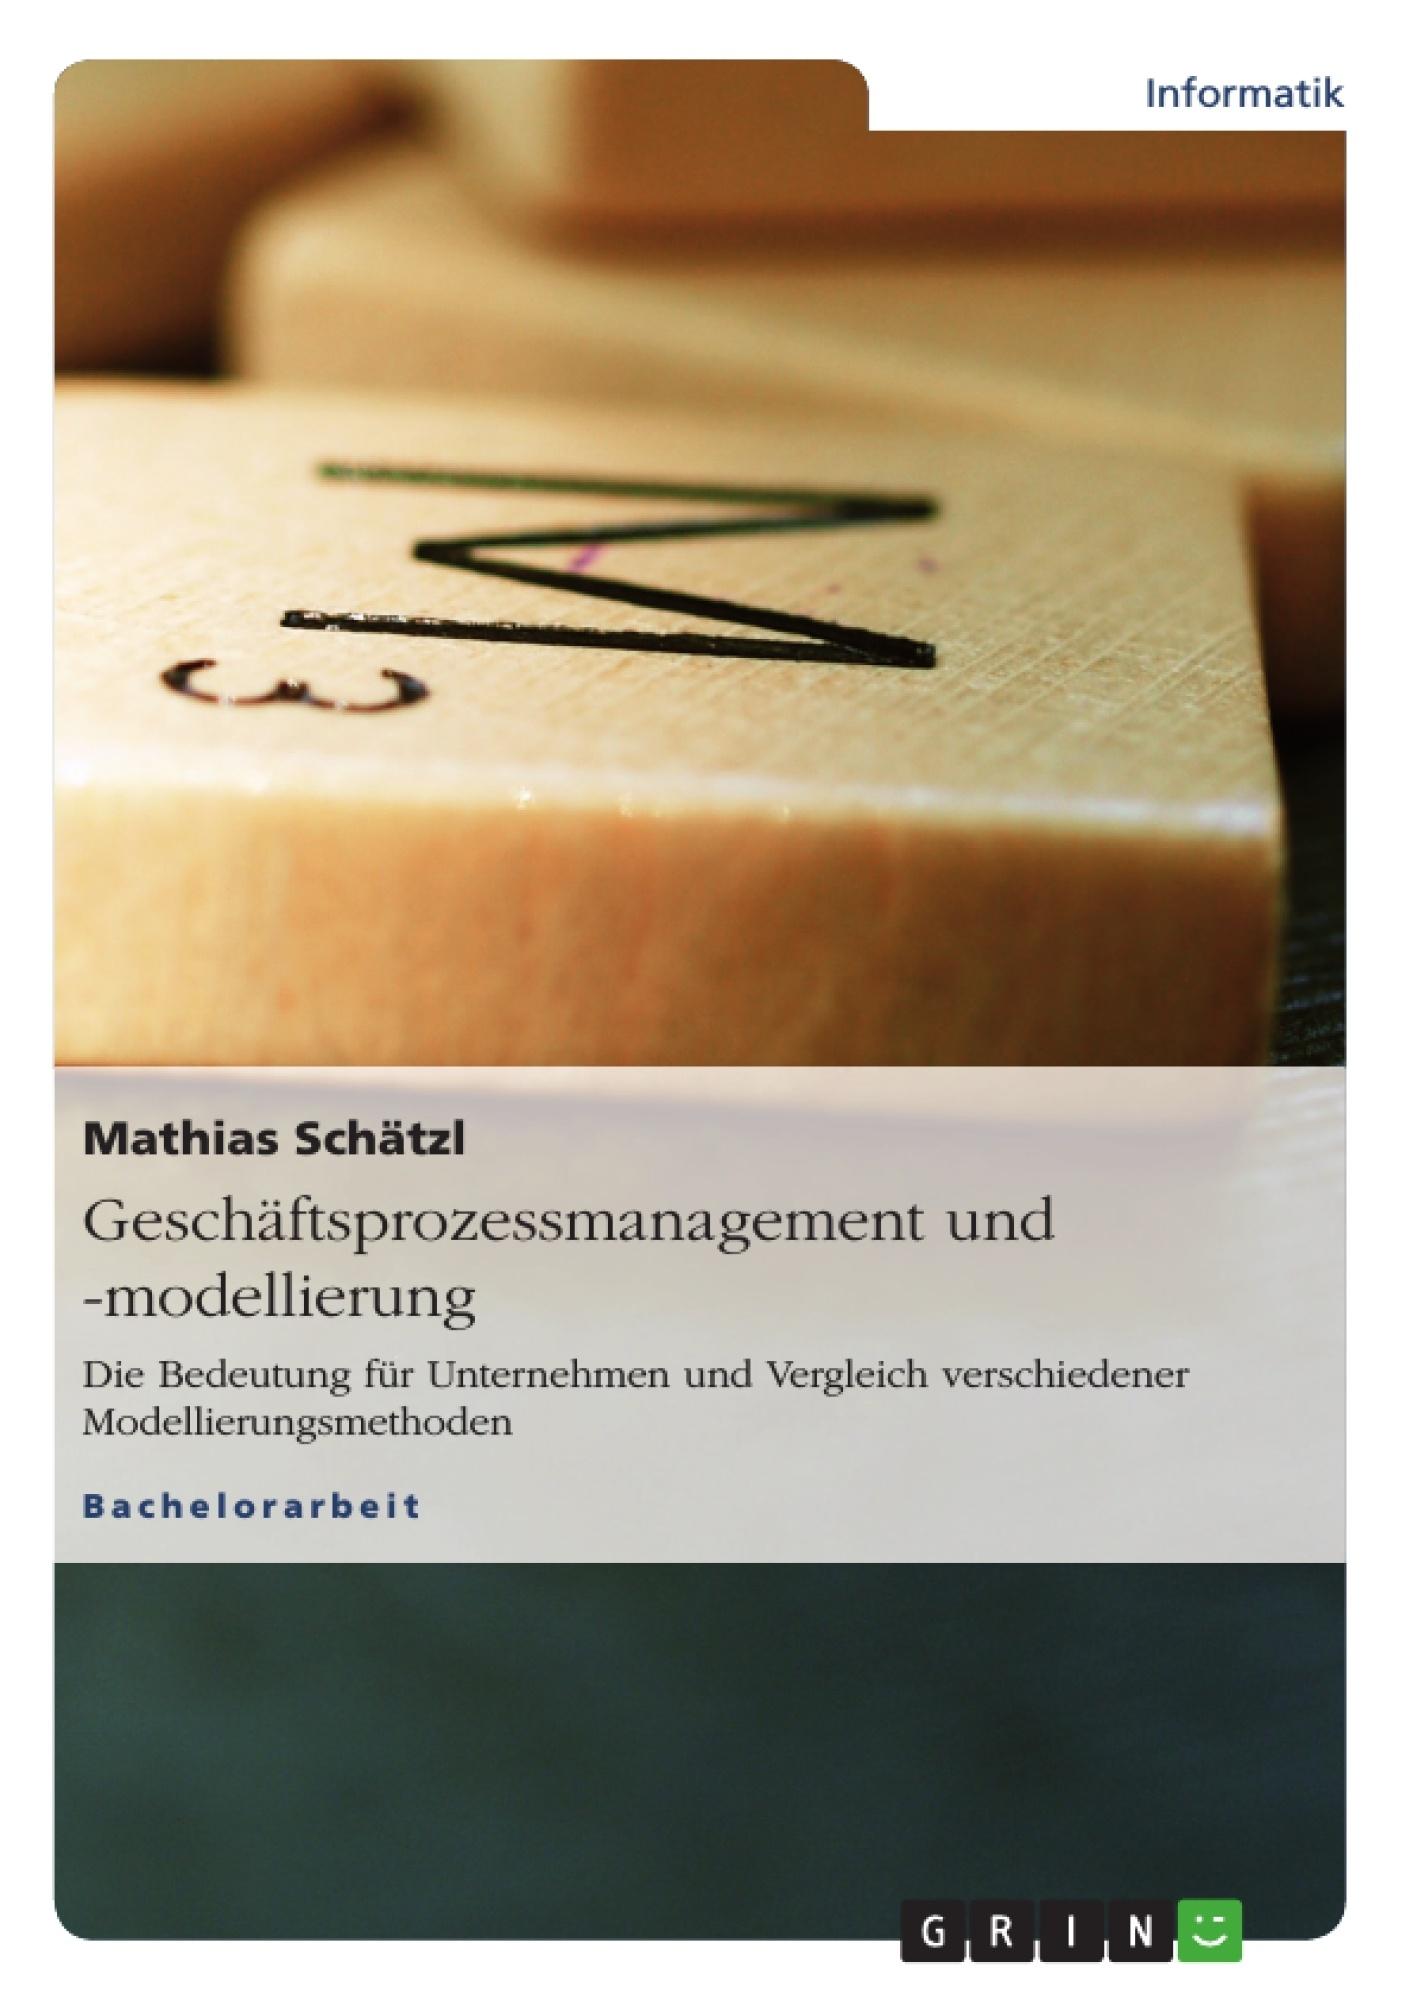 Titel: Geschäftsprozessmanagement und -modellierung